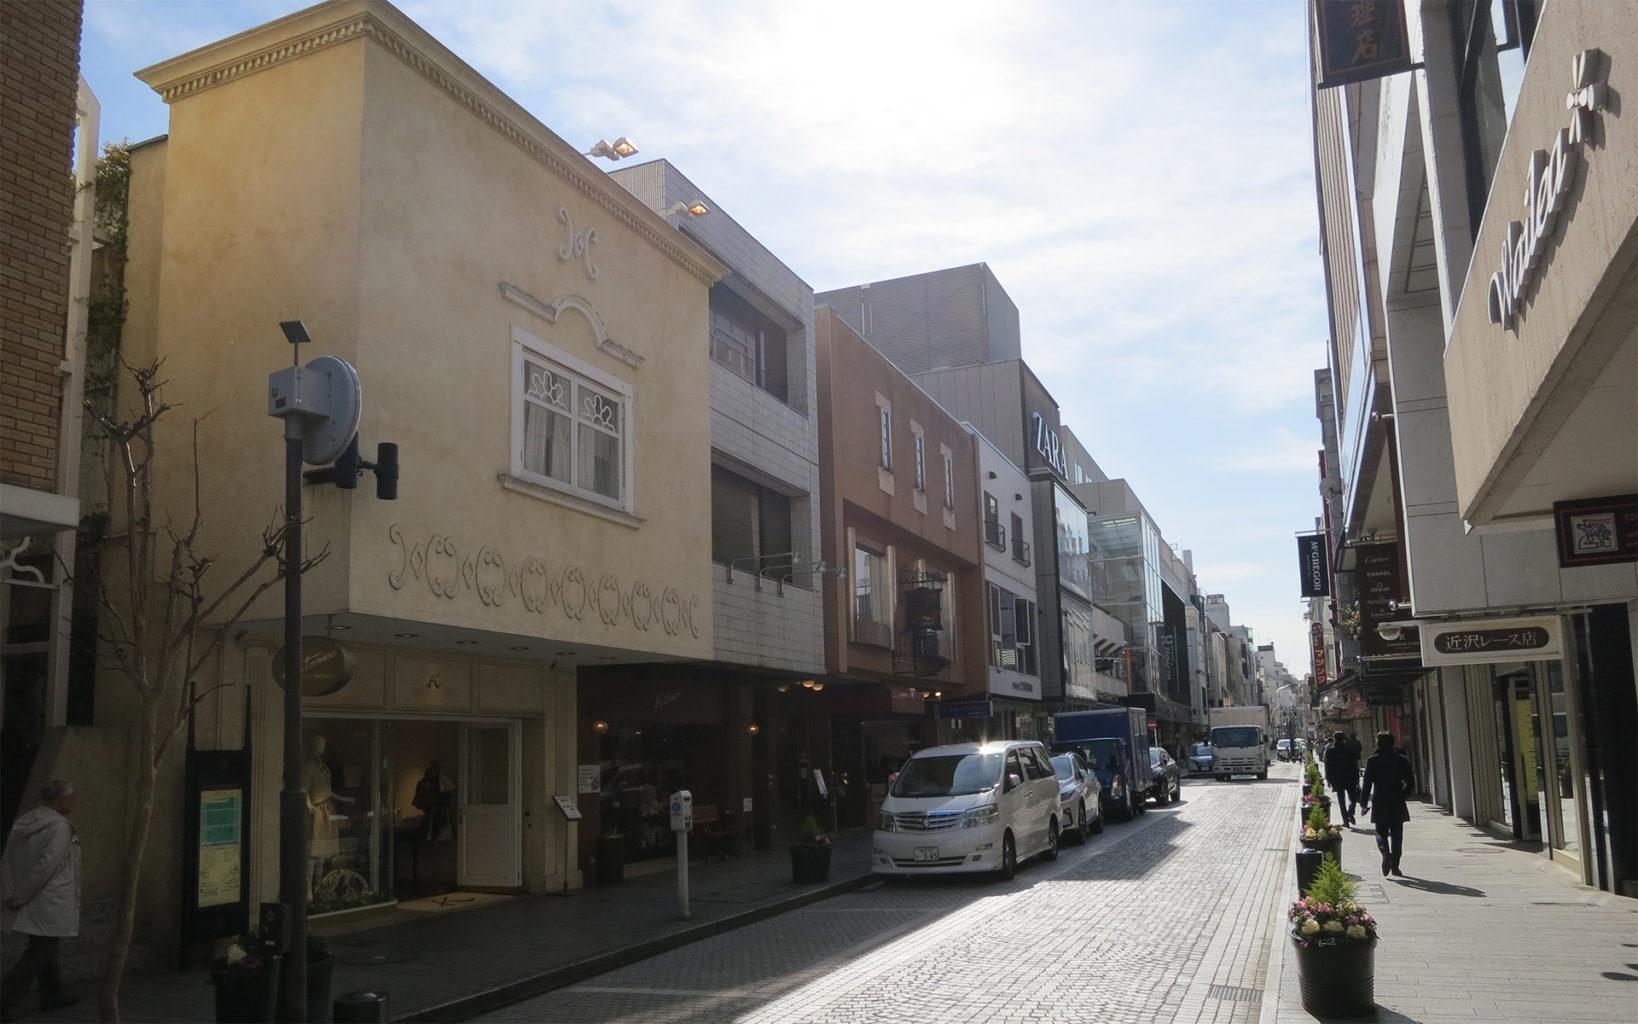 横浜元町商店街(横浜元町ショッピングストリート)の写真